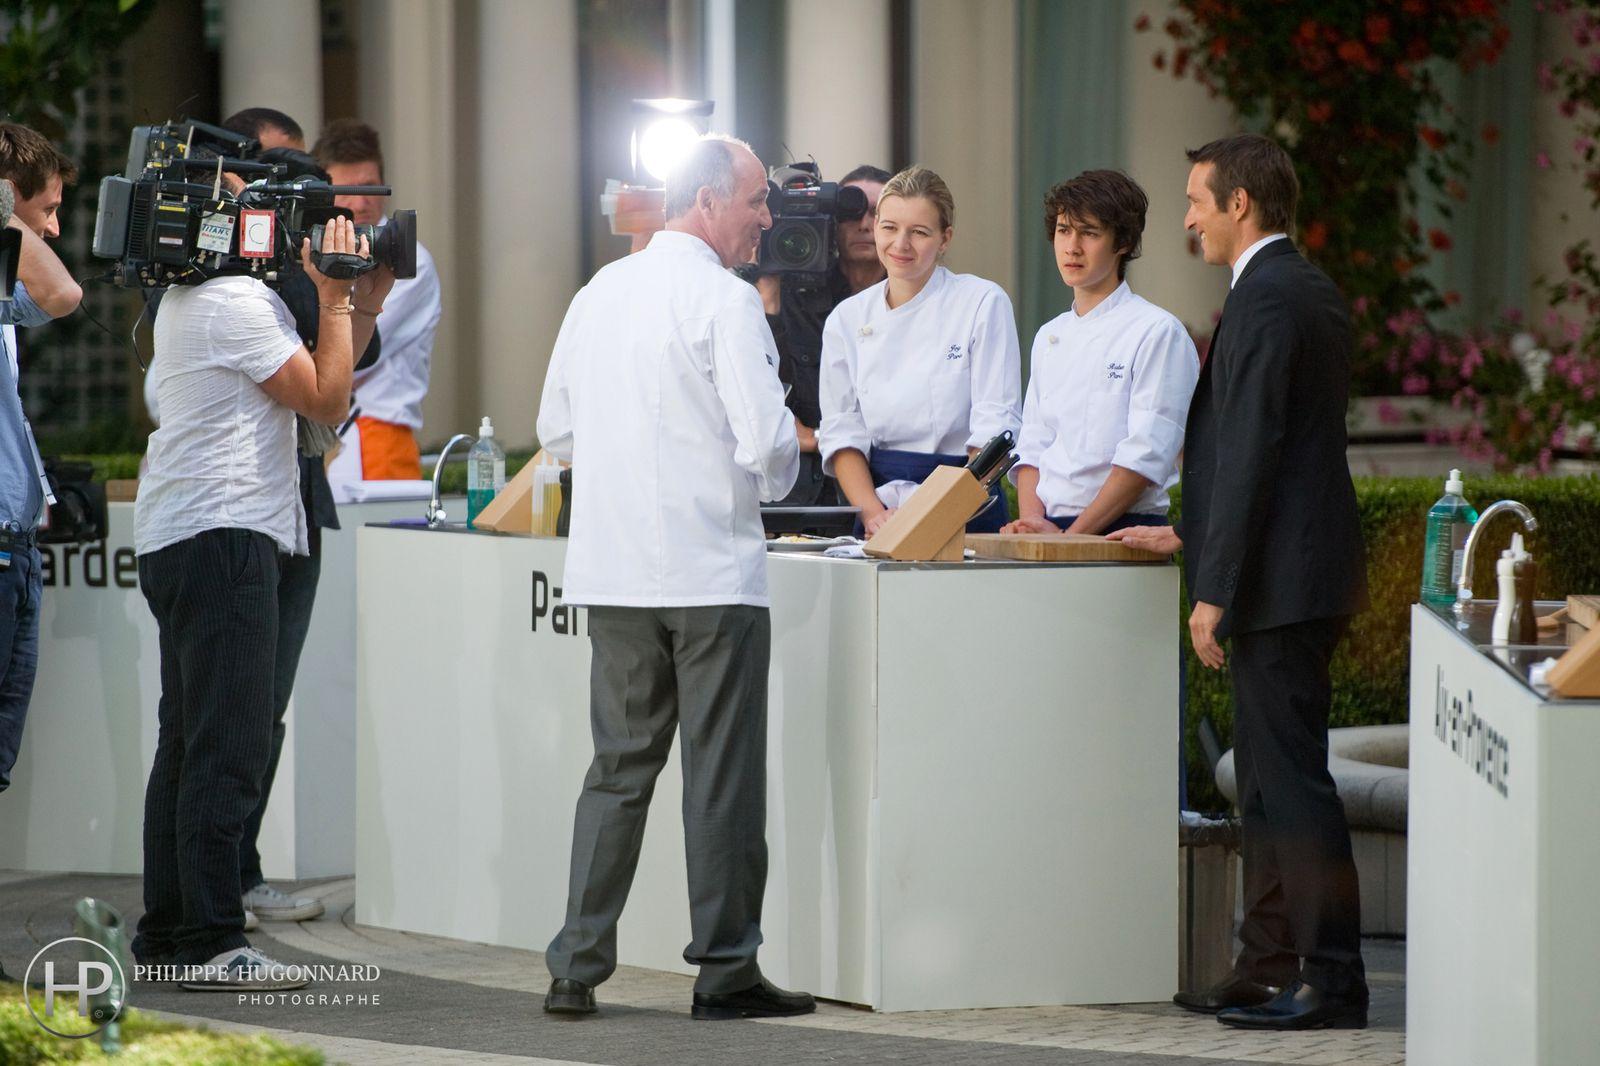 Reportage photos de la finale Dîner presque parfait - La meilleure équipe de France 2011